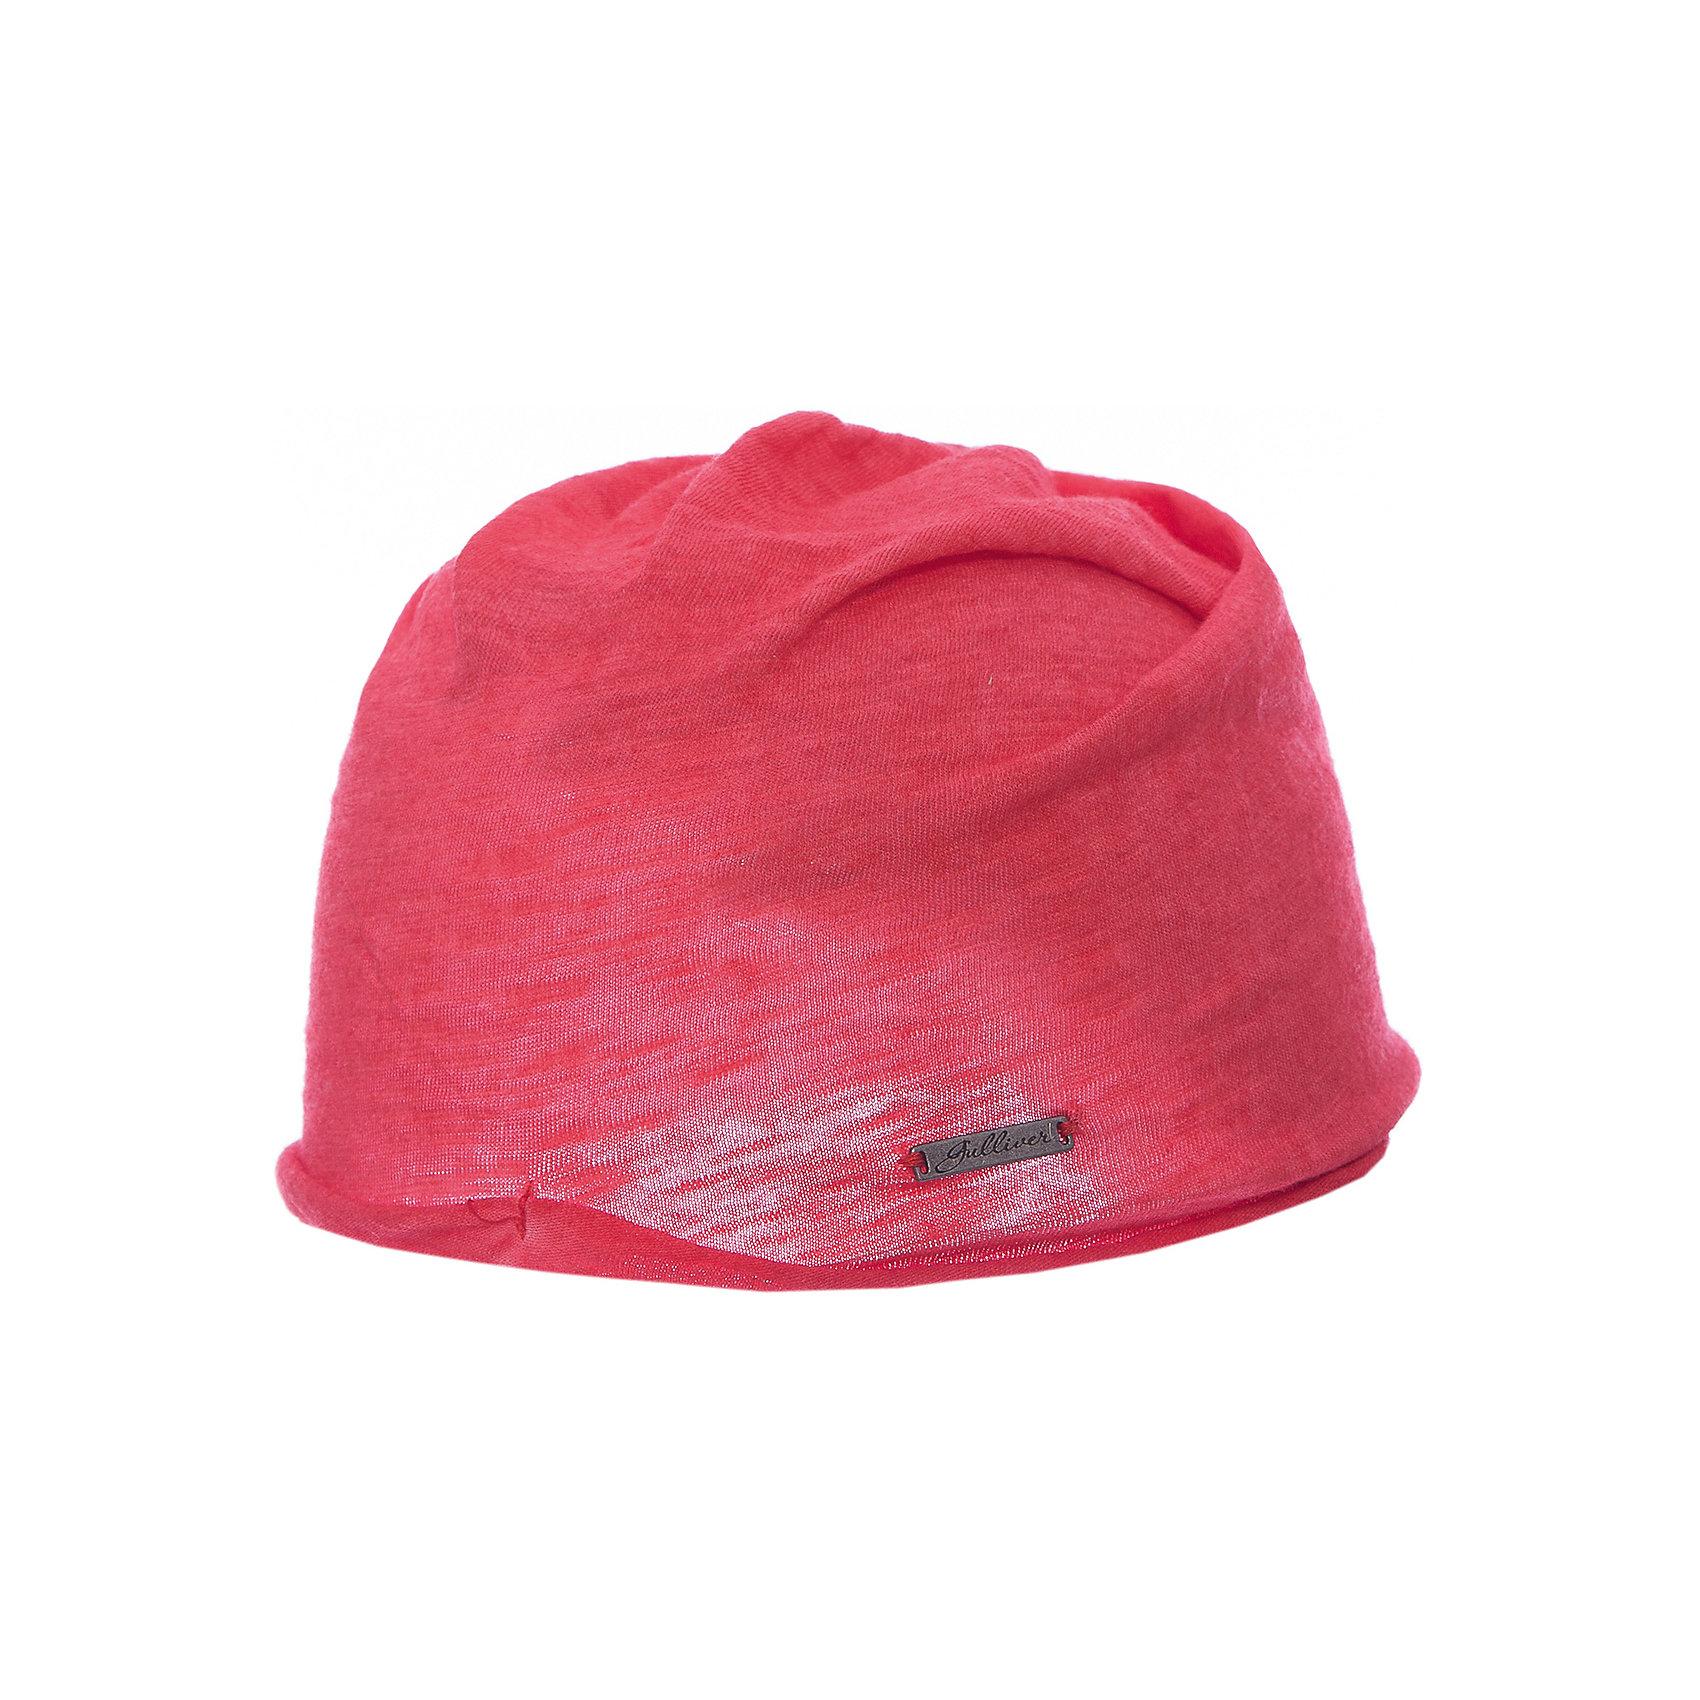 Шапка для девочки GulliverДемисезонные<br>Яркая вязаная шапка красиво завершит образ, сделав его новым, свежим, интересным. Если вы хотите сформировать модный позитивный весенне-летний гардероб юной леди, коралловая шапка с изящным руликом и брендированной металлической накладкой - отличный выбор.<br>Состав:<br>100% хлопок<br><br>Ширина мм: 89<br>Глубина мм: 117<br>Высота мм: 44<br>Вес г: 155<br>Цвет: розовый<br>Возраст от месяцев: 48<br>Возраст до месяцев: 60<br>Пол: Женский<br>Возраст: Детский<br>Размер: 52,50<br>SKU: 5483738